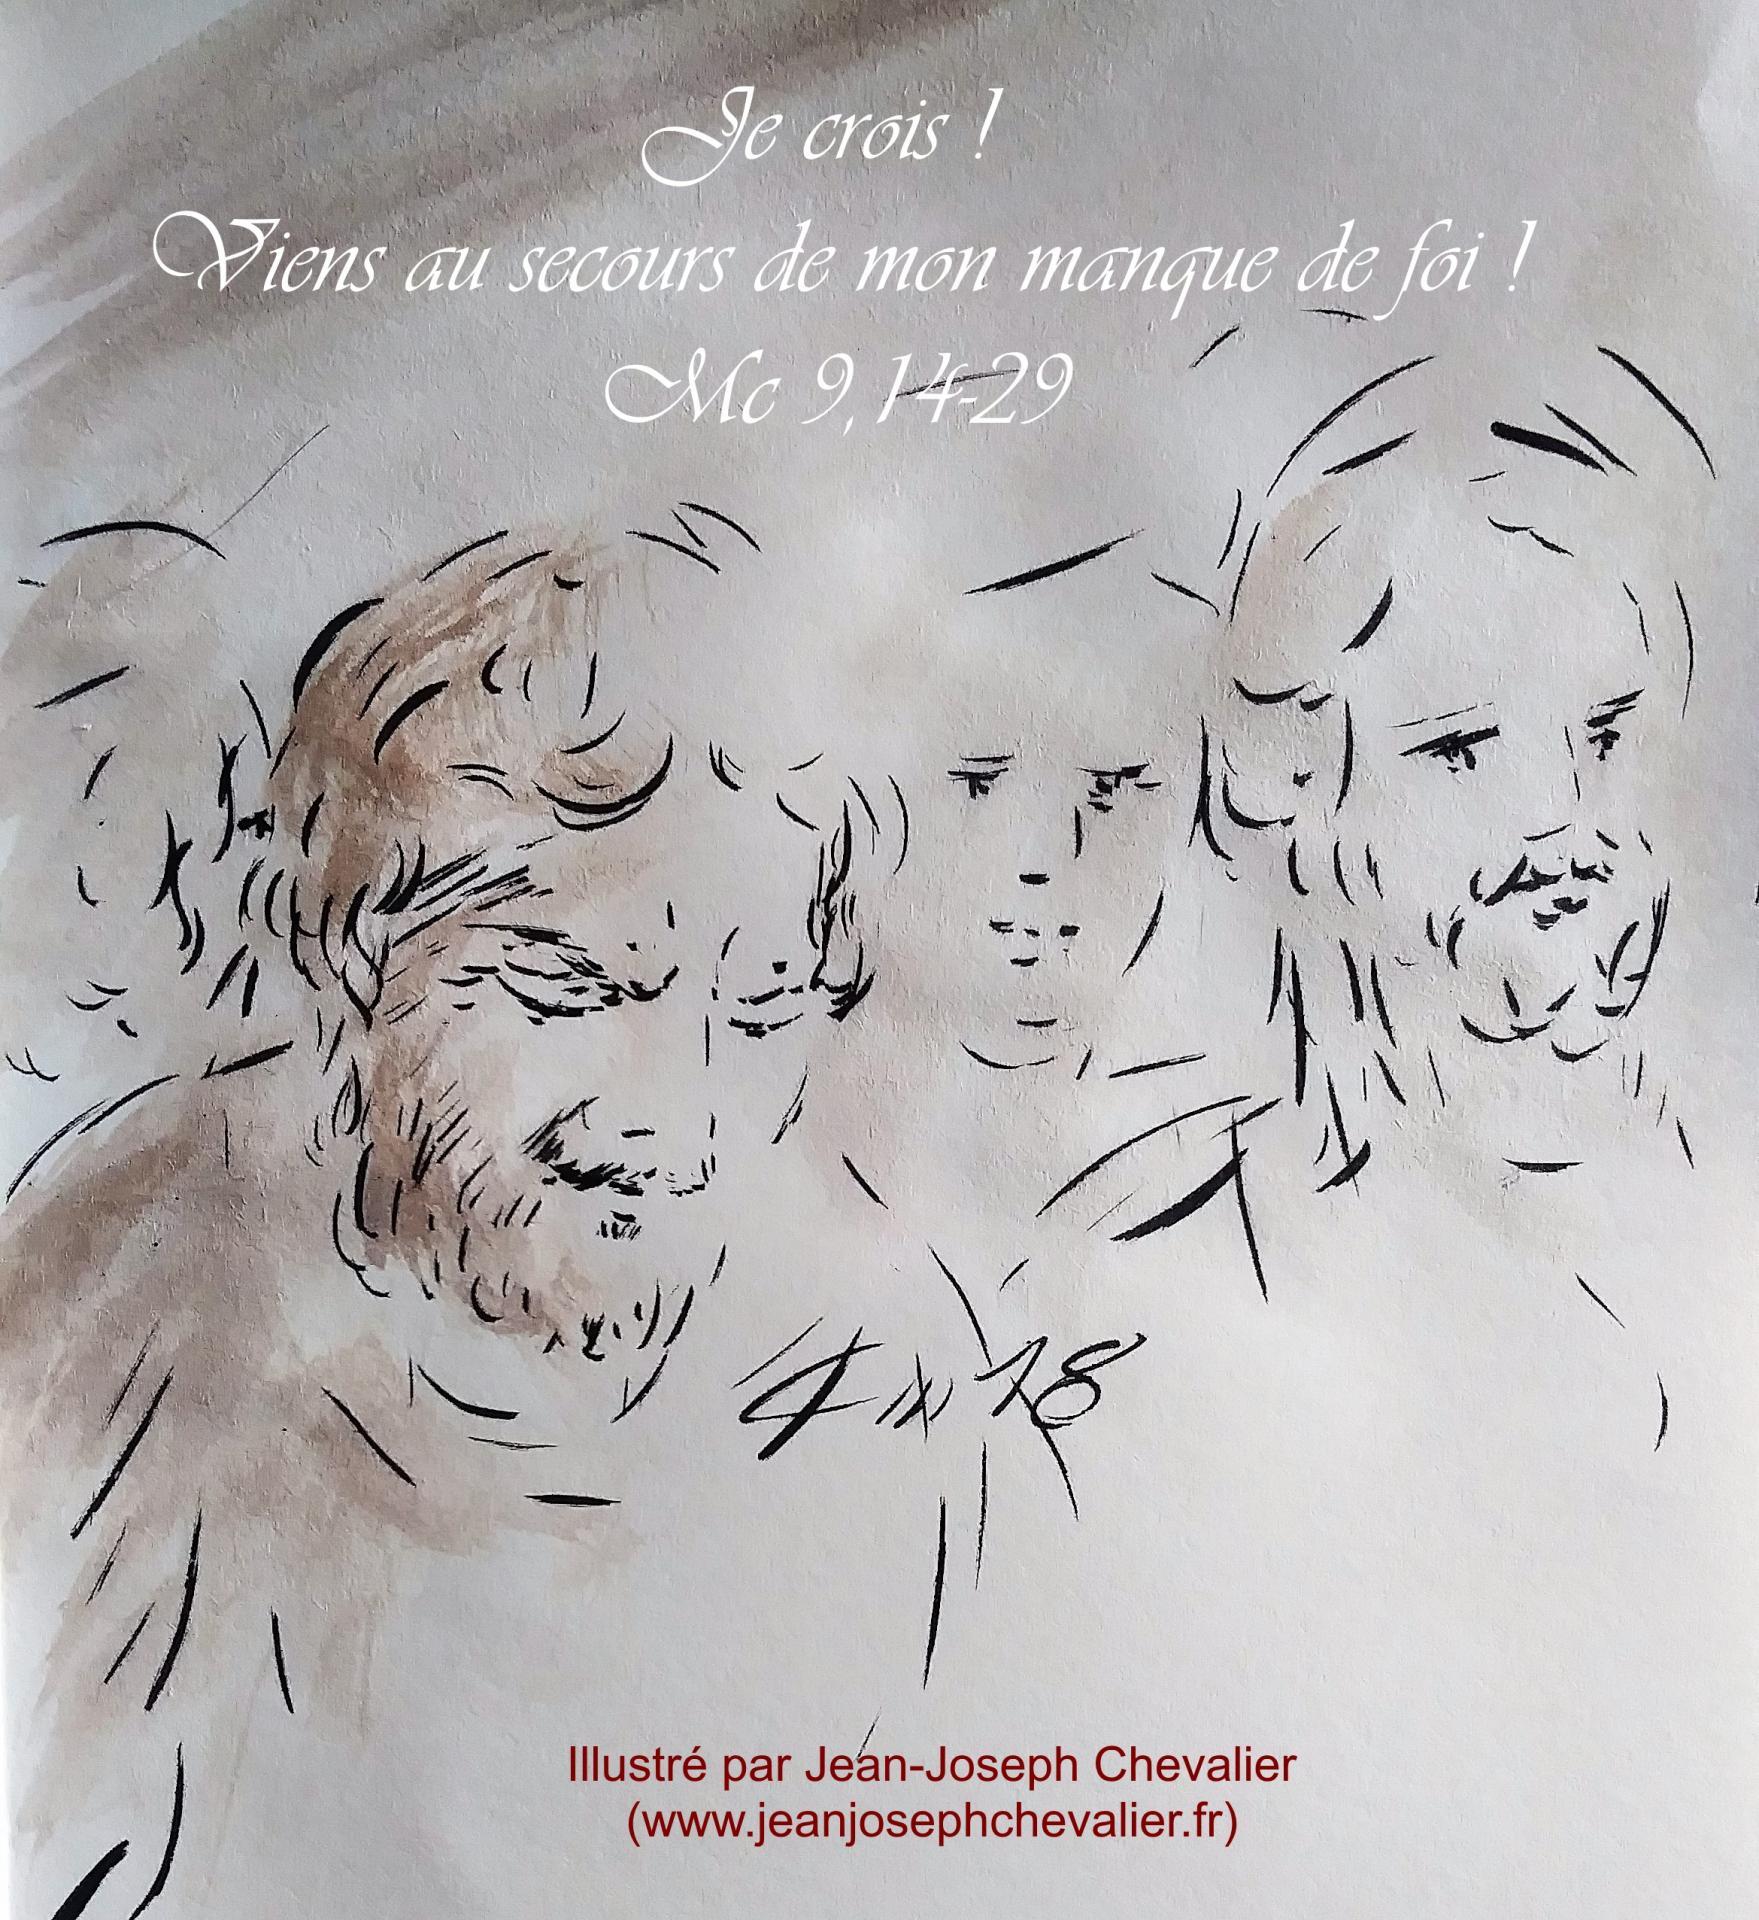 21 mai 2018 evangile du jour illustre par un dessin au lavis de jean joseph chevalier image